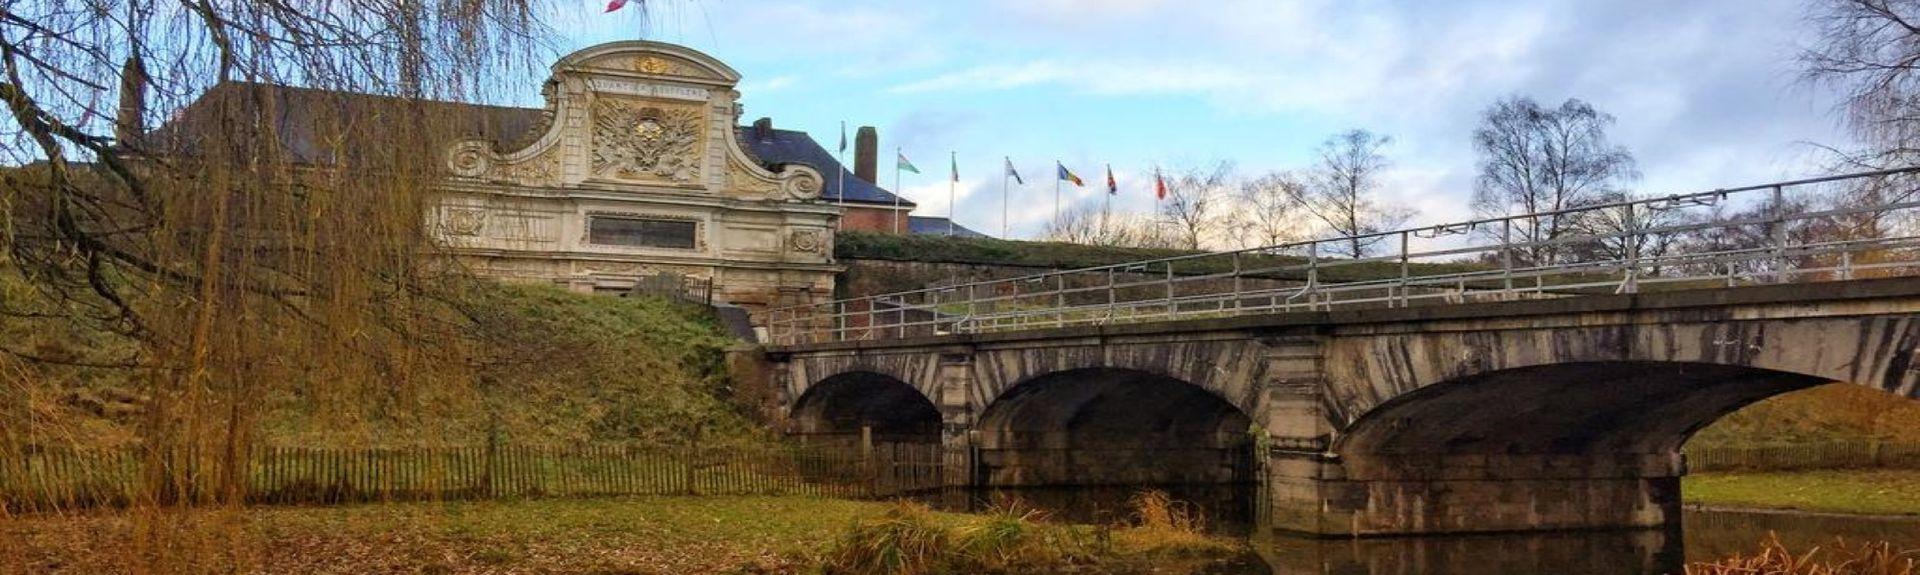 Wambrechies, Hauts-de-France, França